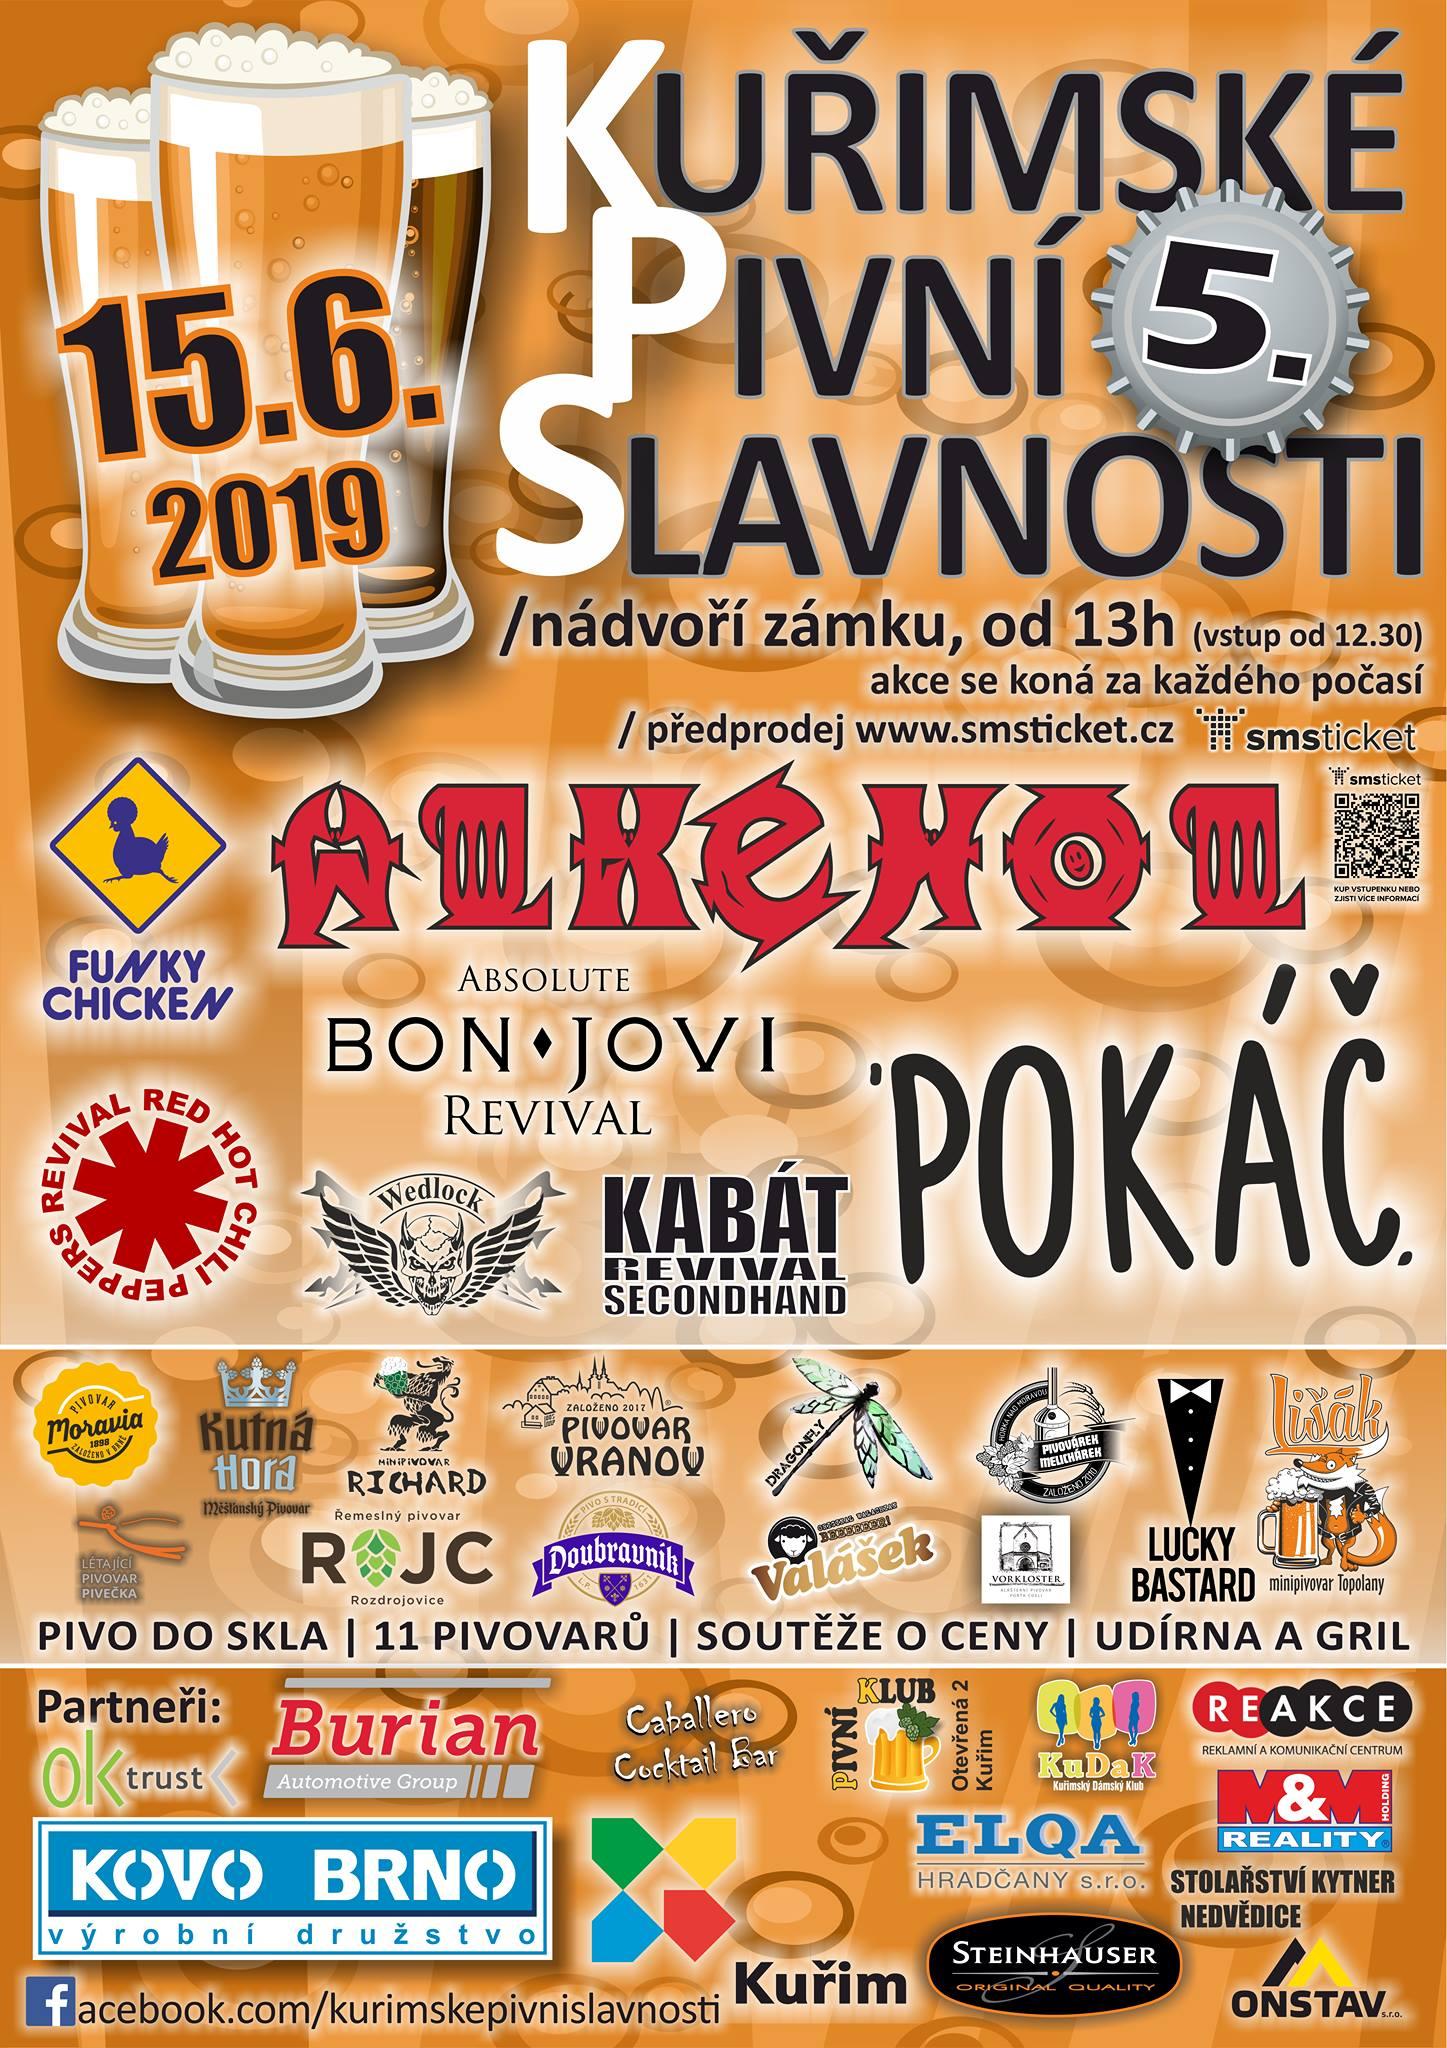 pivovari-pivovary-pivni-akce-kurimske-pivni-slavnosti-2019